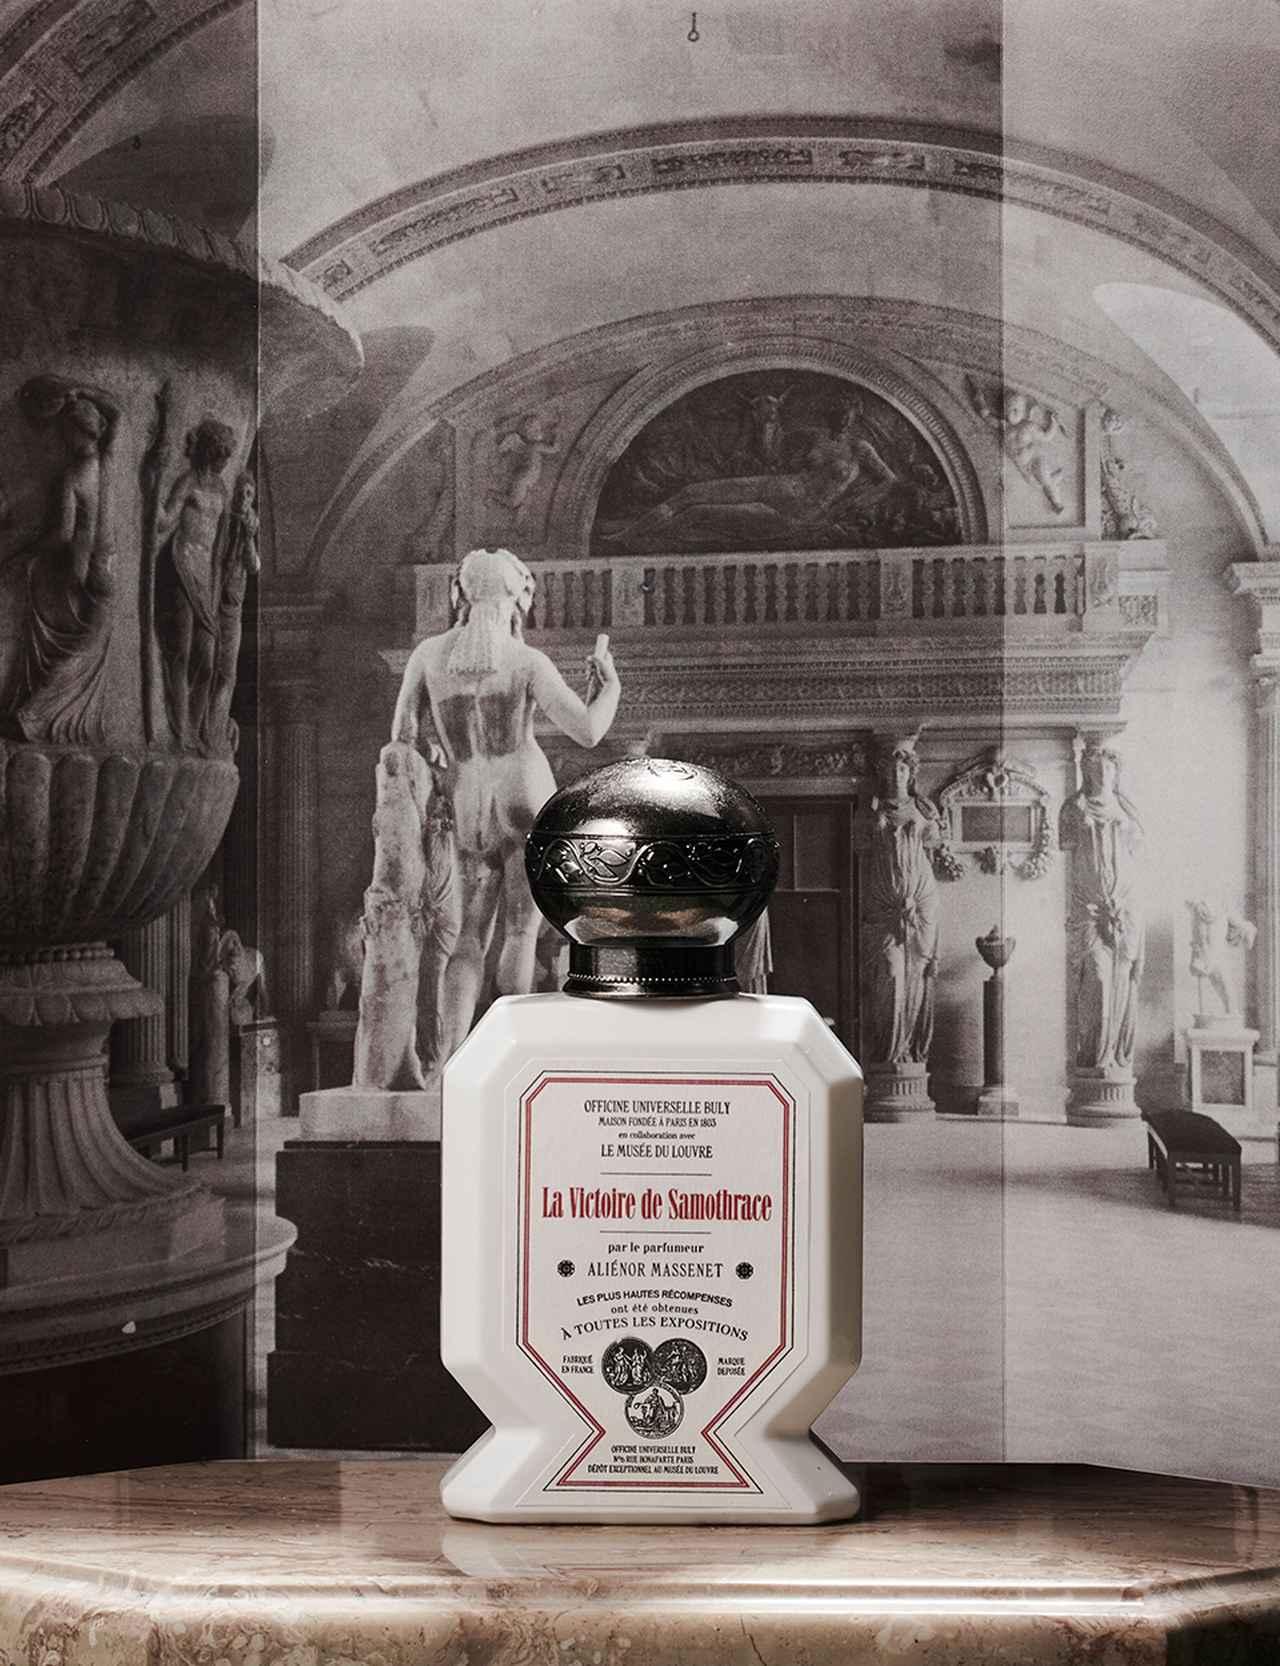 Images : 2番目の画像 - 「ルーヴル美術館名作のエスプリを 肌にまとう。オフィシーヌ・ ユニヴェルセル・ビュリーの冒険」のアルバム - T JAPAN:The New York Times Style Magazine 公式サイト